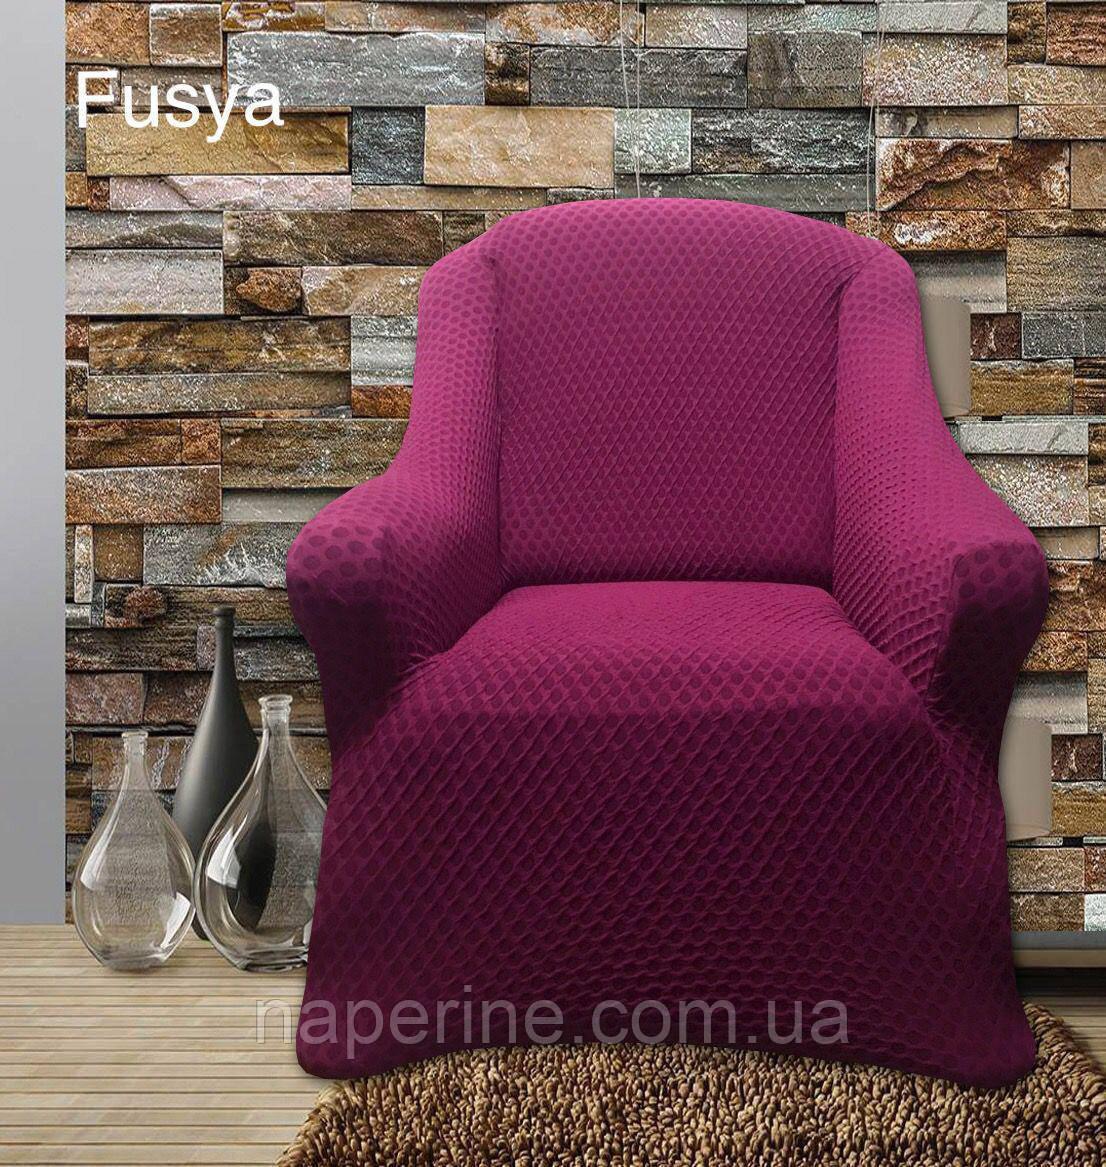 VIP sota Чехол натяжной на диван + 2 кресла Premium малиновый чехлы полностью обтягивают